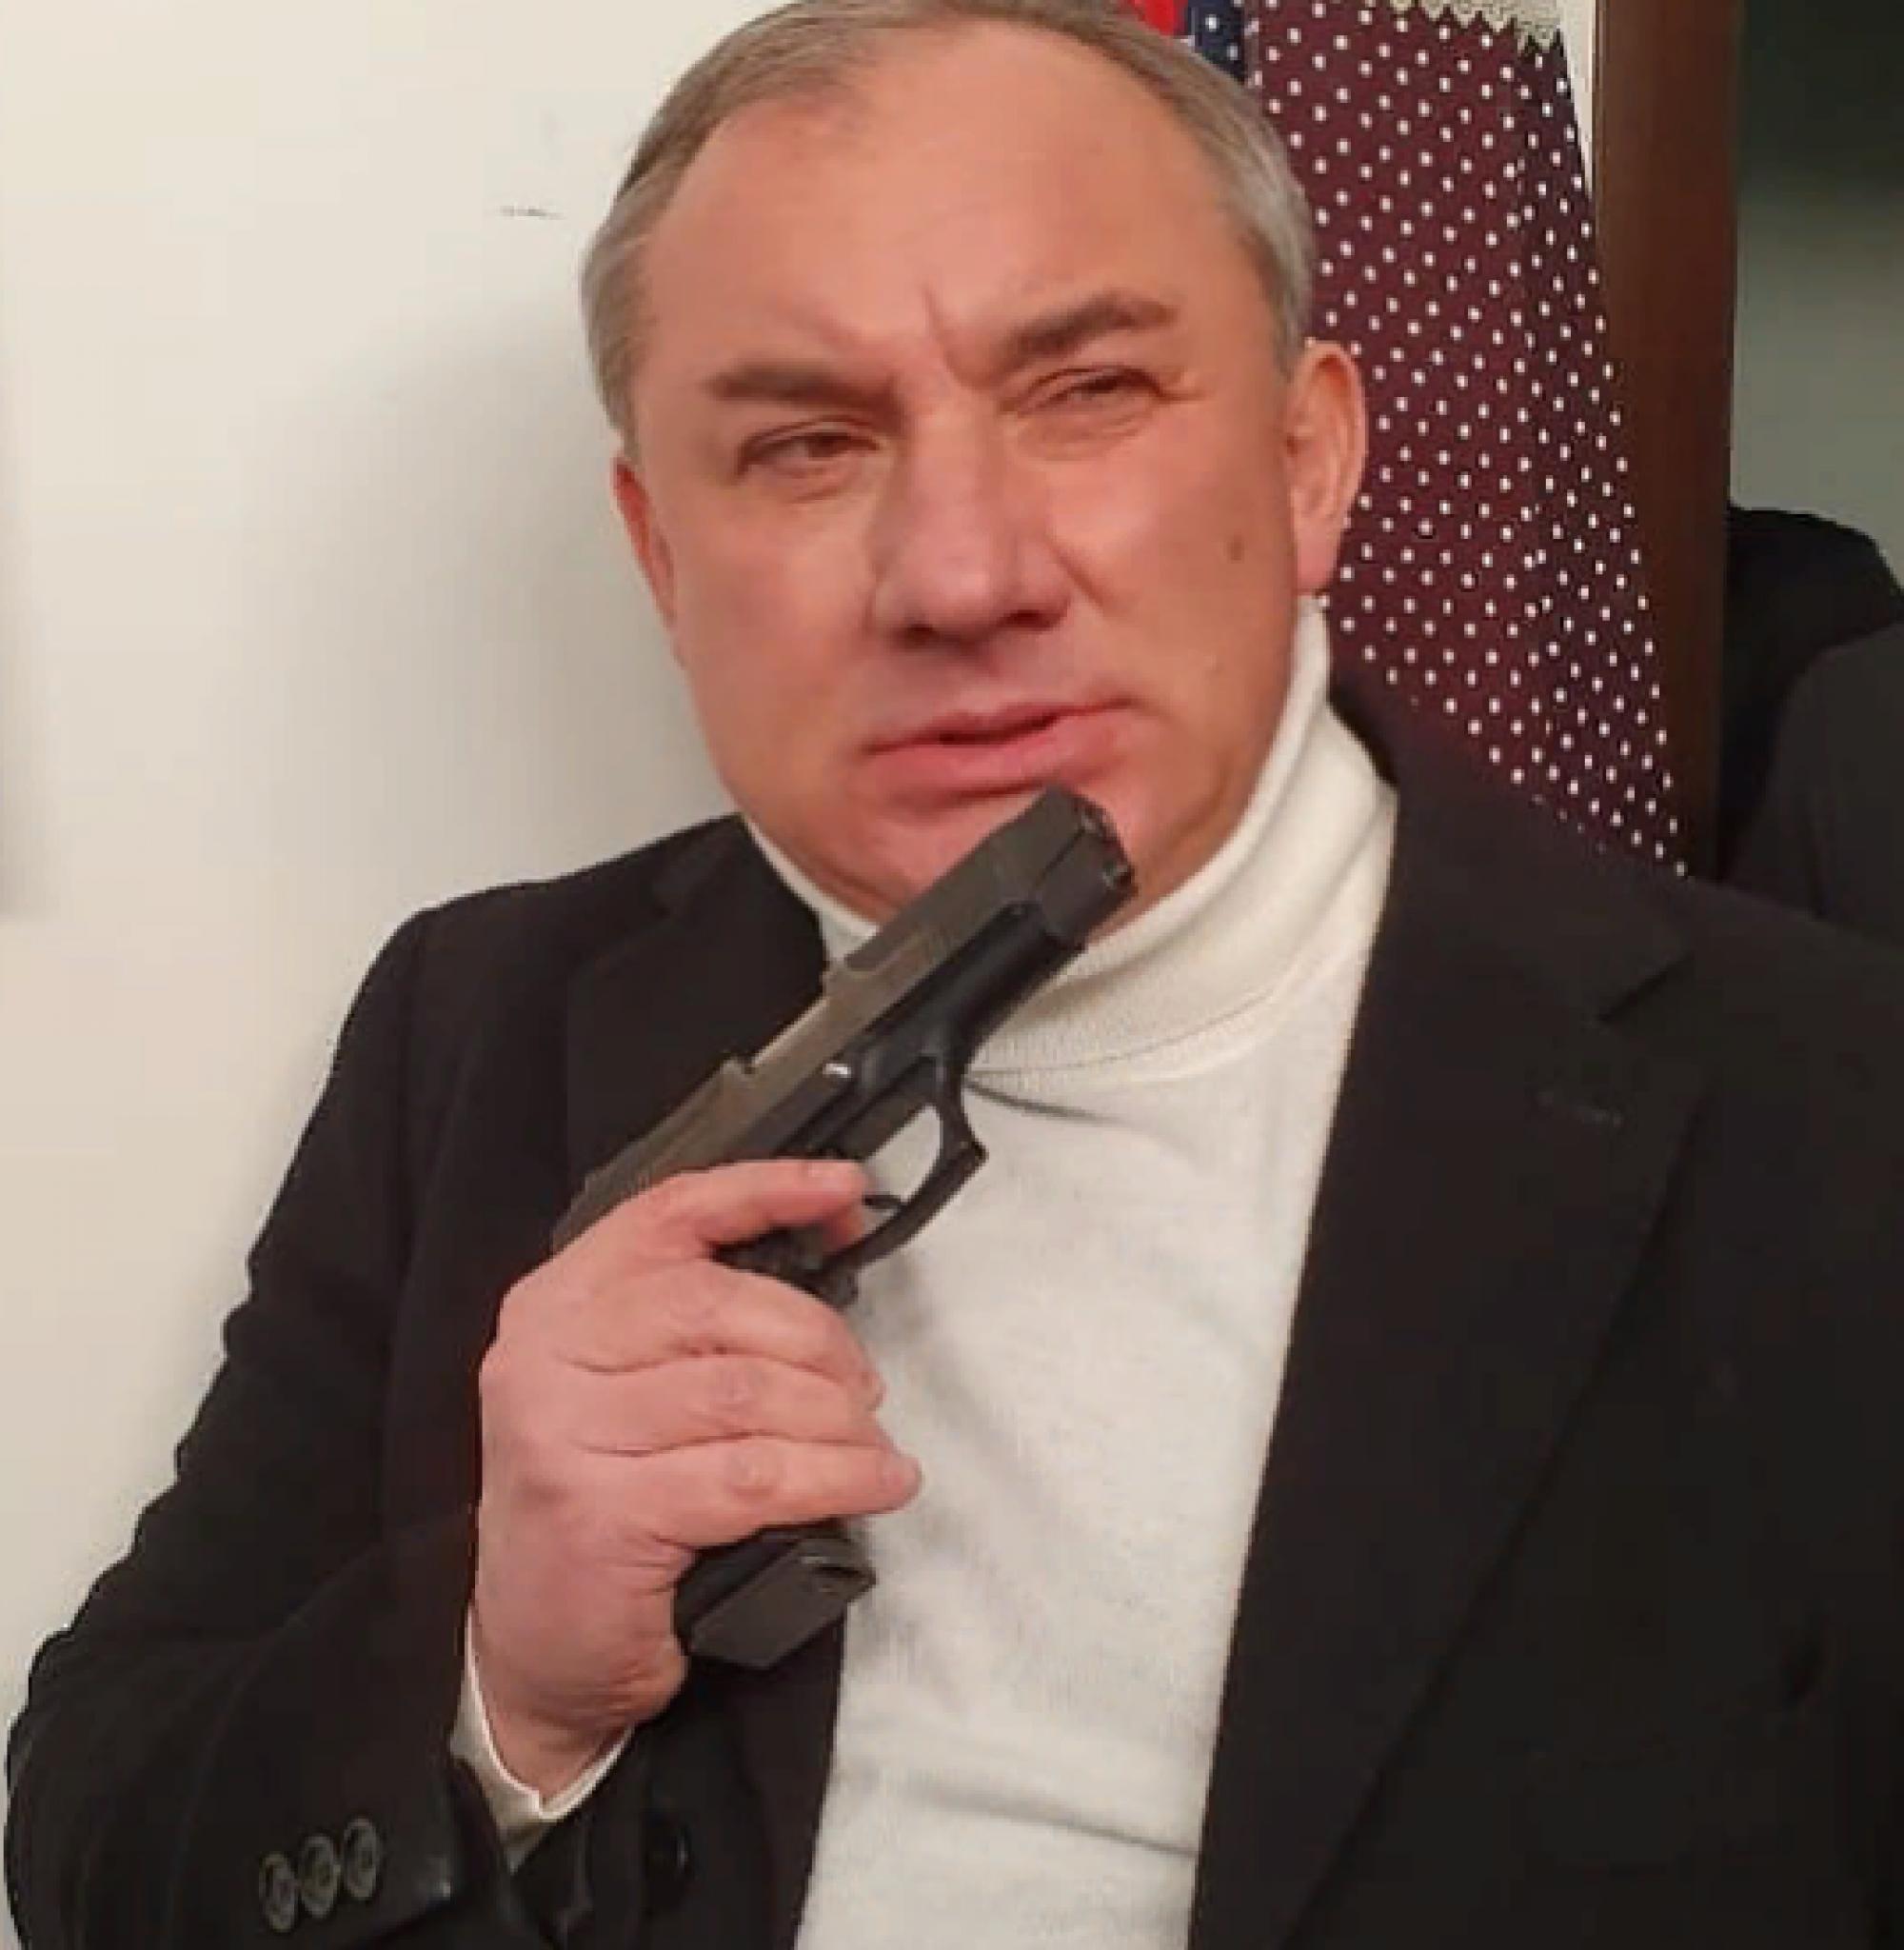 «Кто этот лысый дяденька?»: фанаты шокированы внешним видом Николая Фоменко (фото)